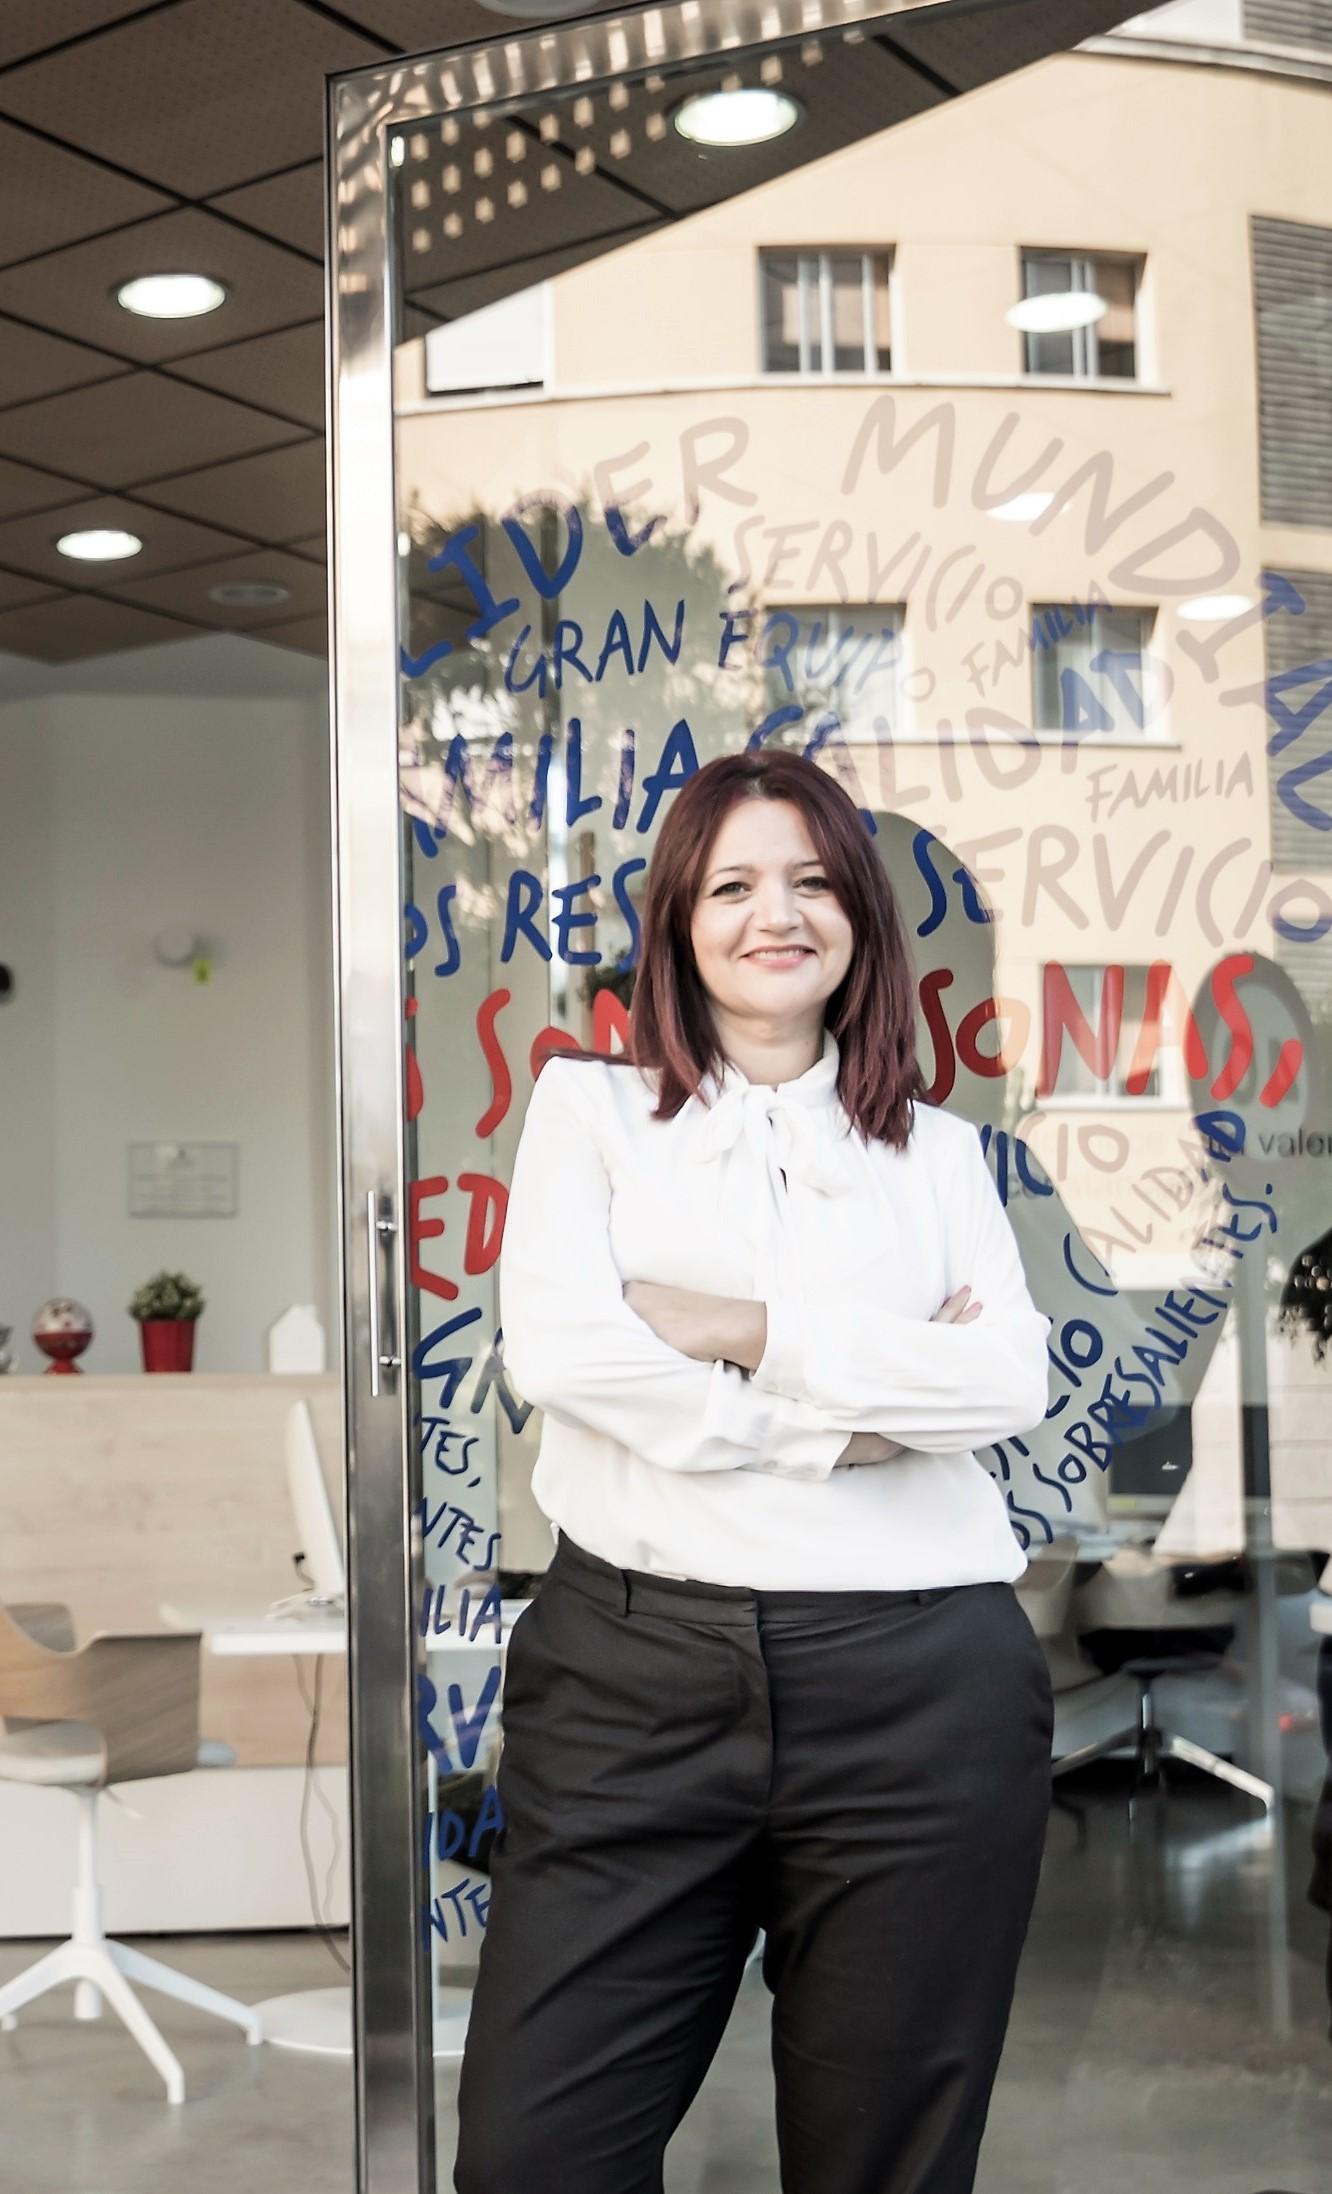 Lara Suarez Morales